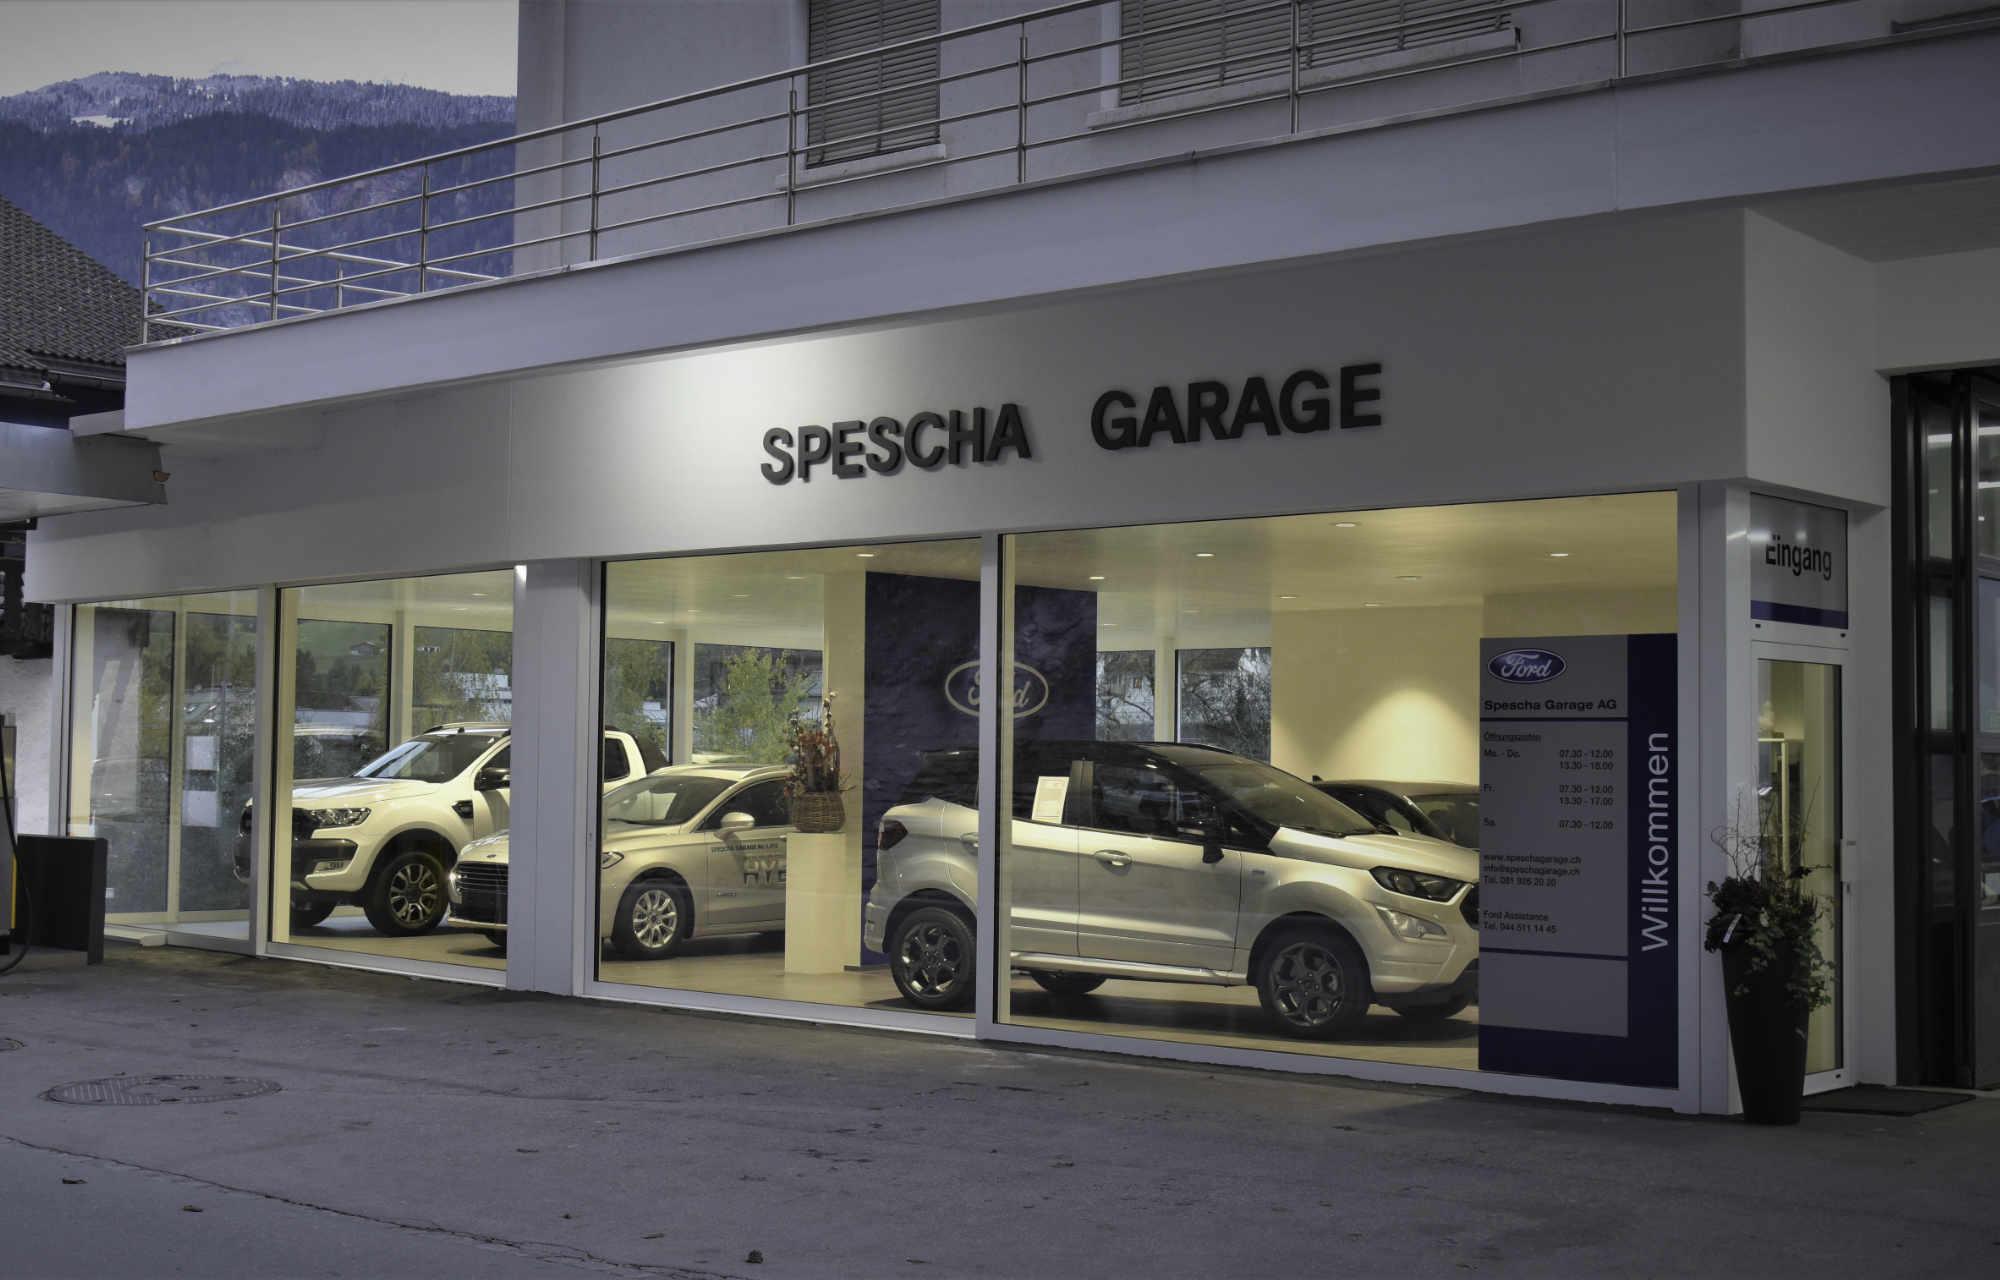 Spescha Garage